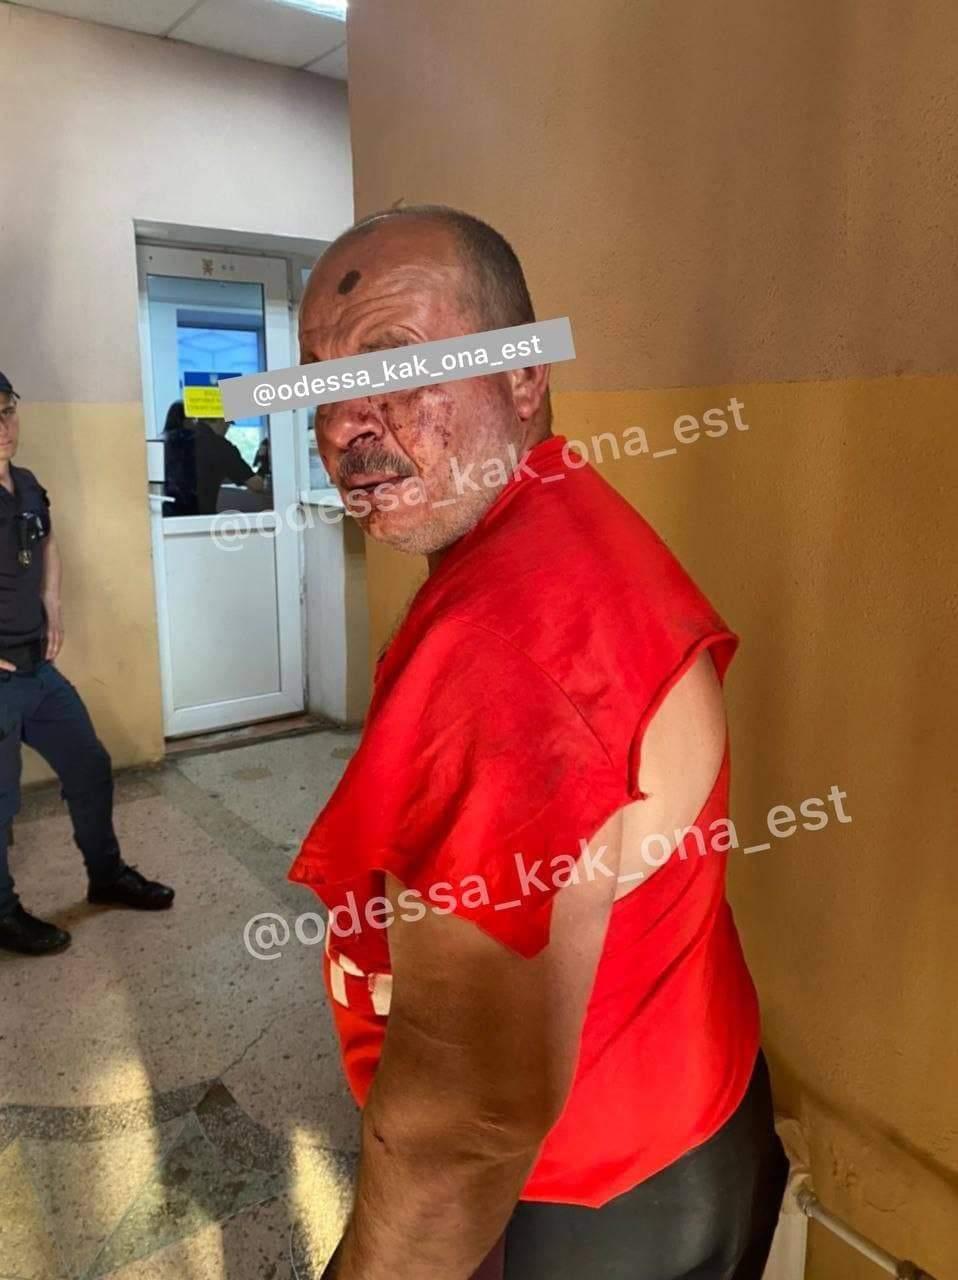 Зґвалтування Тягнув у сквер Дитину з ДЦП Одеса Відділок Поліції